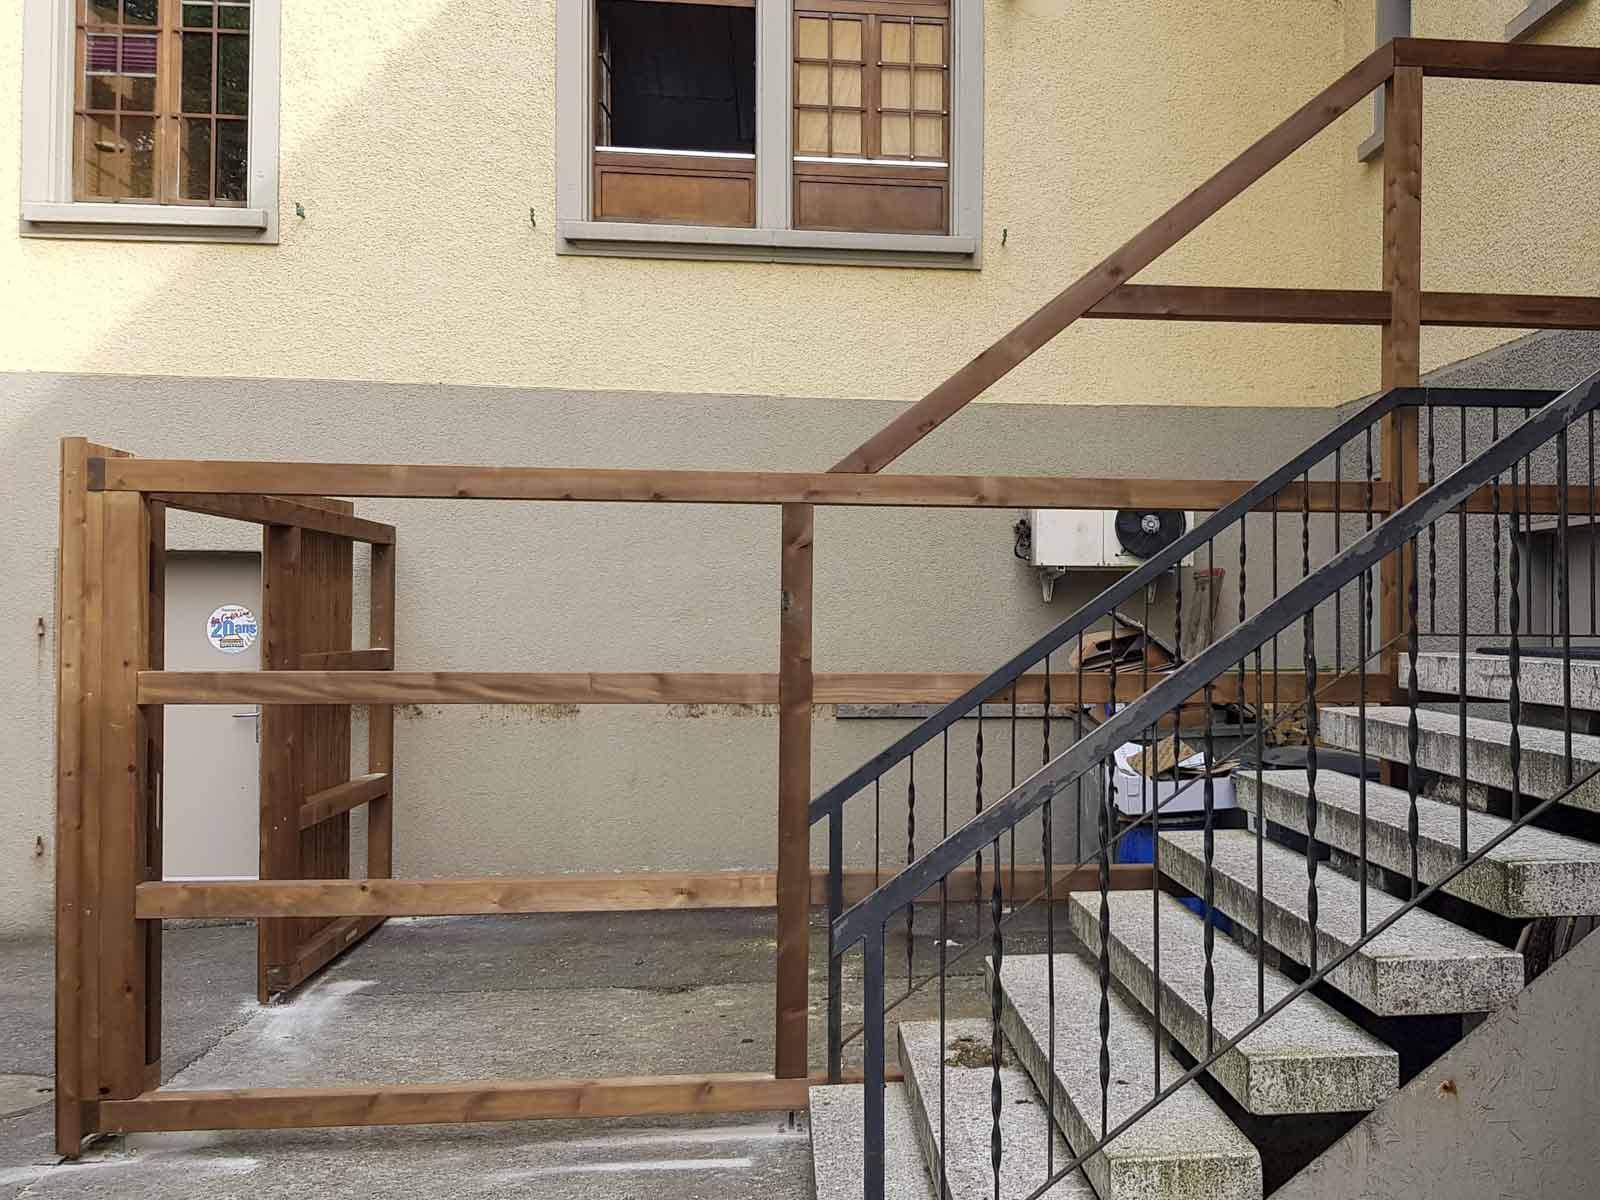 Wooddesign_Terrassengestaltung_Sichtschutz_druckimprägniert braun_Holzverkleidung (4)